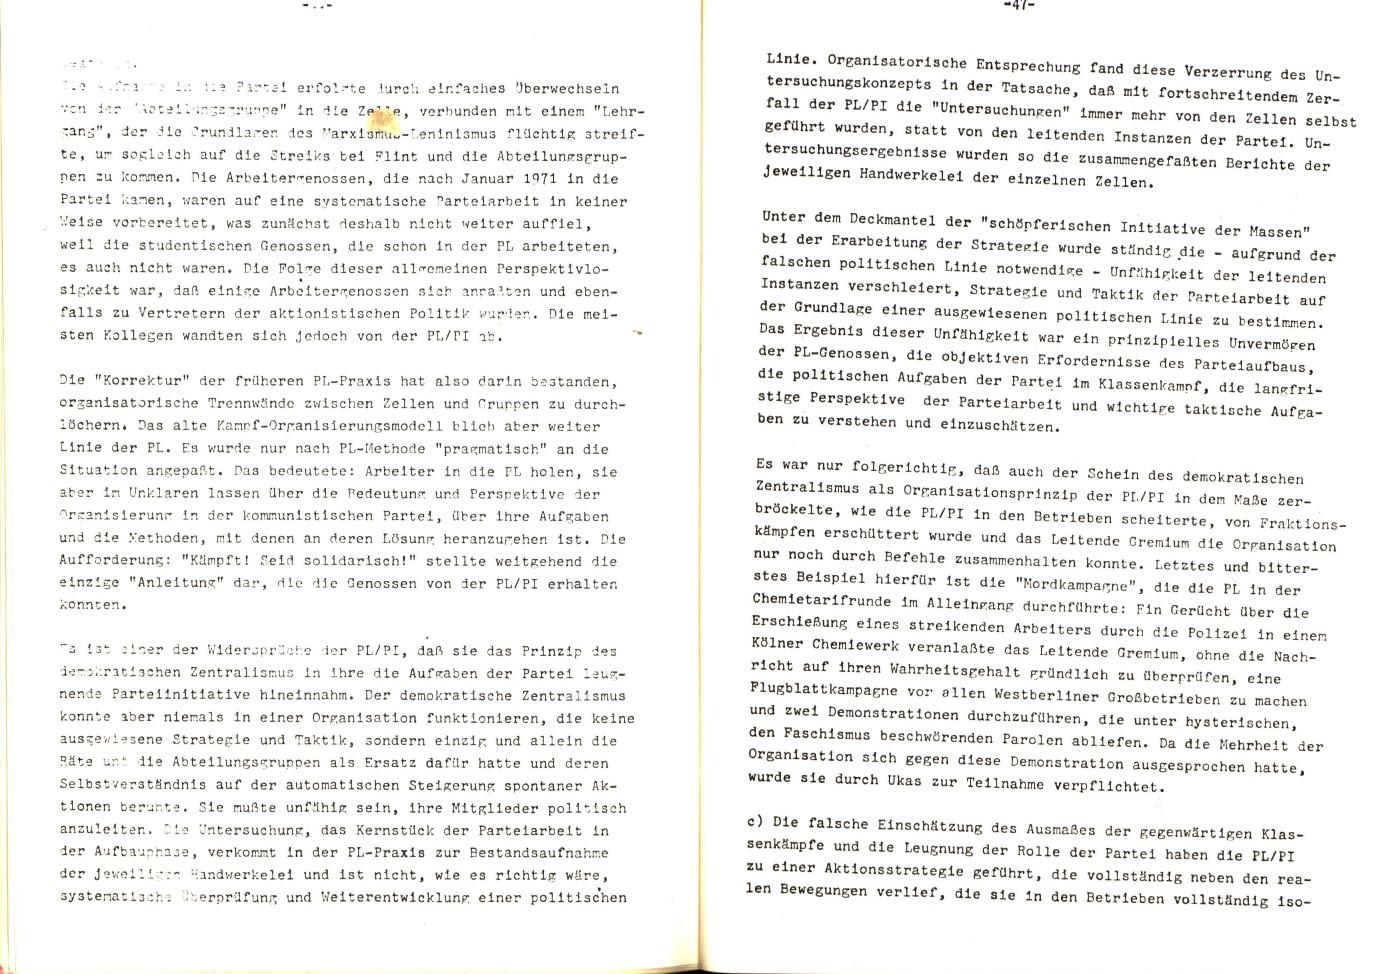 PLPI_1971_Aufloesung_26